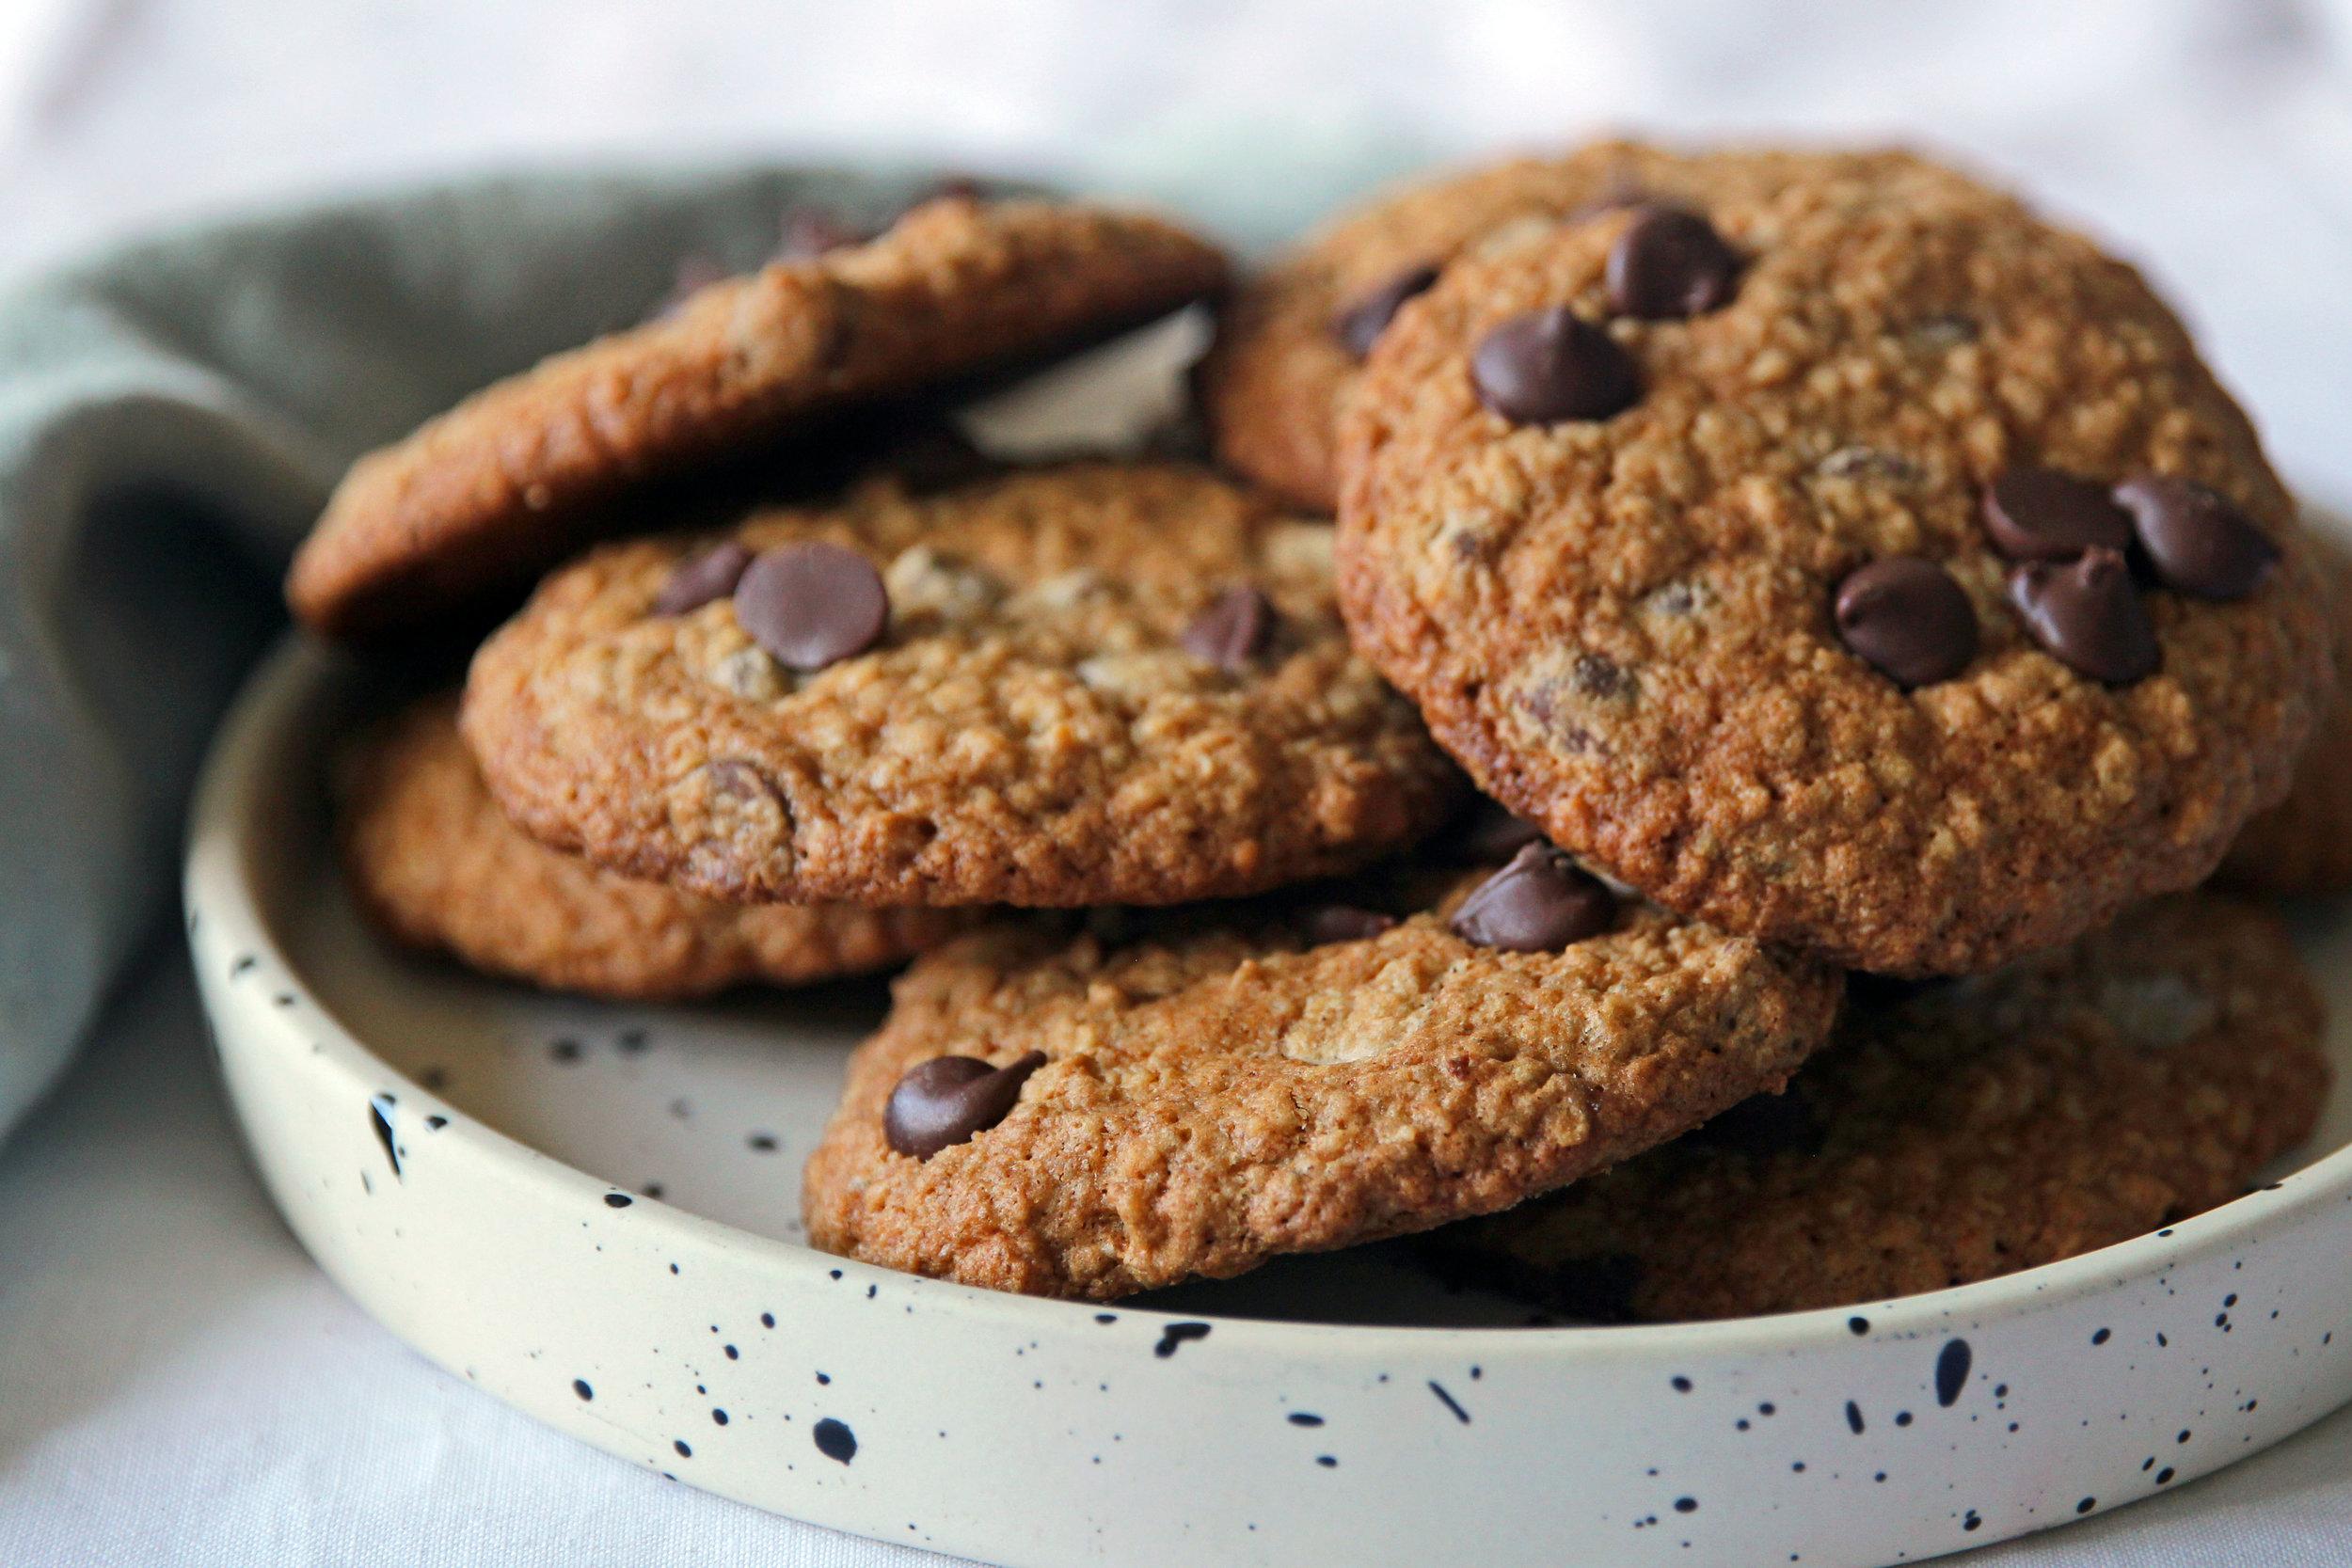 NAUTILUS_VINTAGE_Low Res_Oaty Chocolate Chip Cookies.jpg